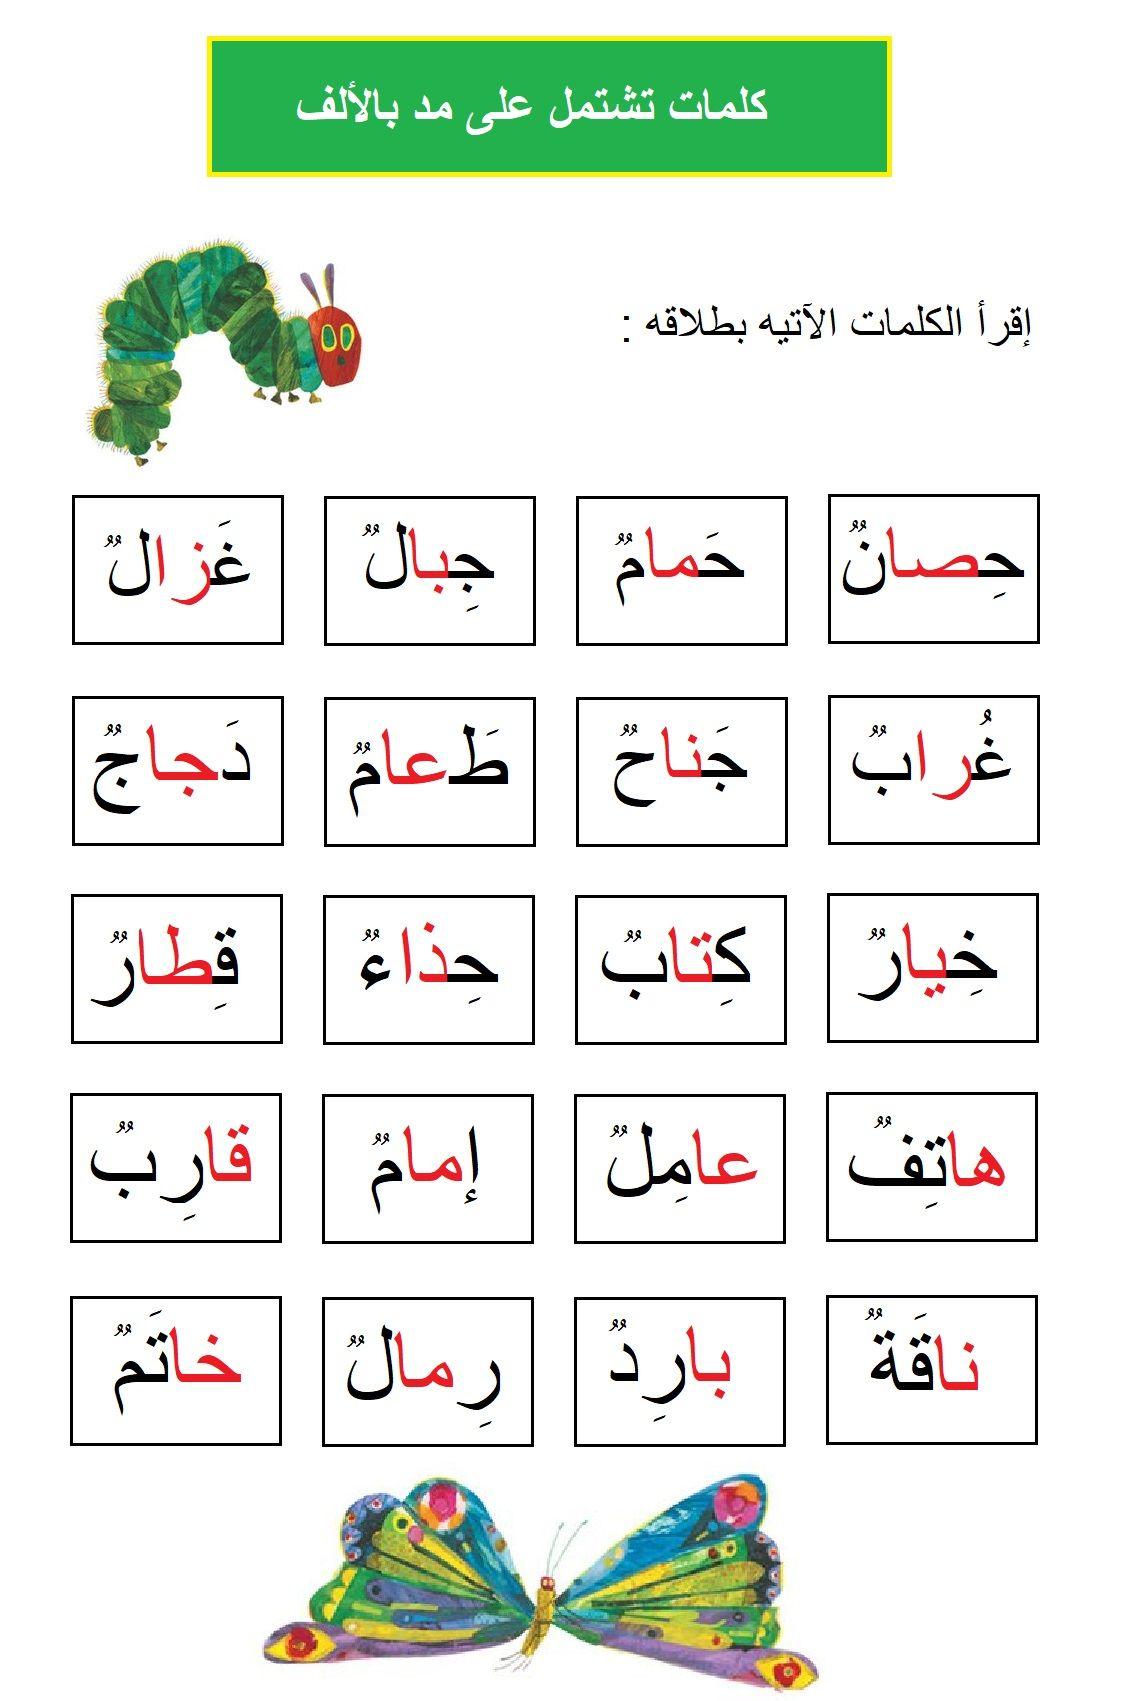 كلمات تحتوي على مد بالالف Learn Arabic Alphabet Learning Arabic Arabic Worksheets